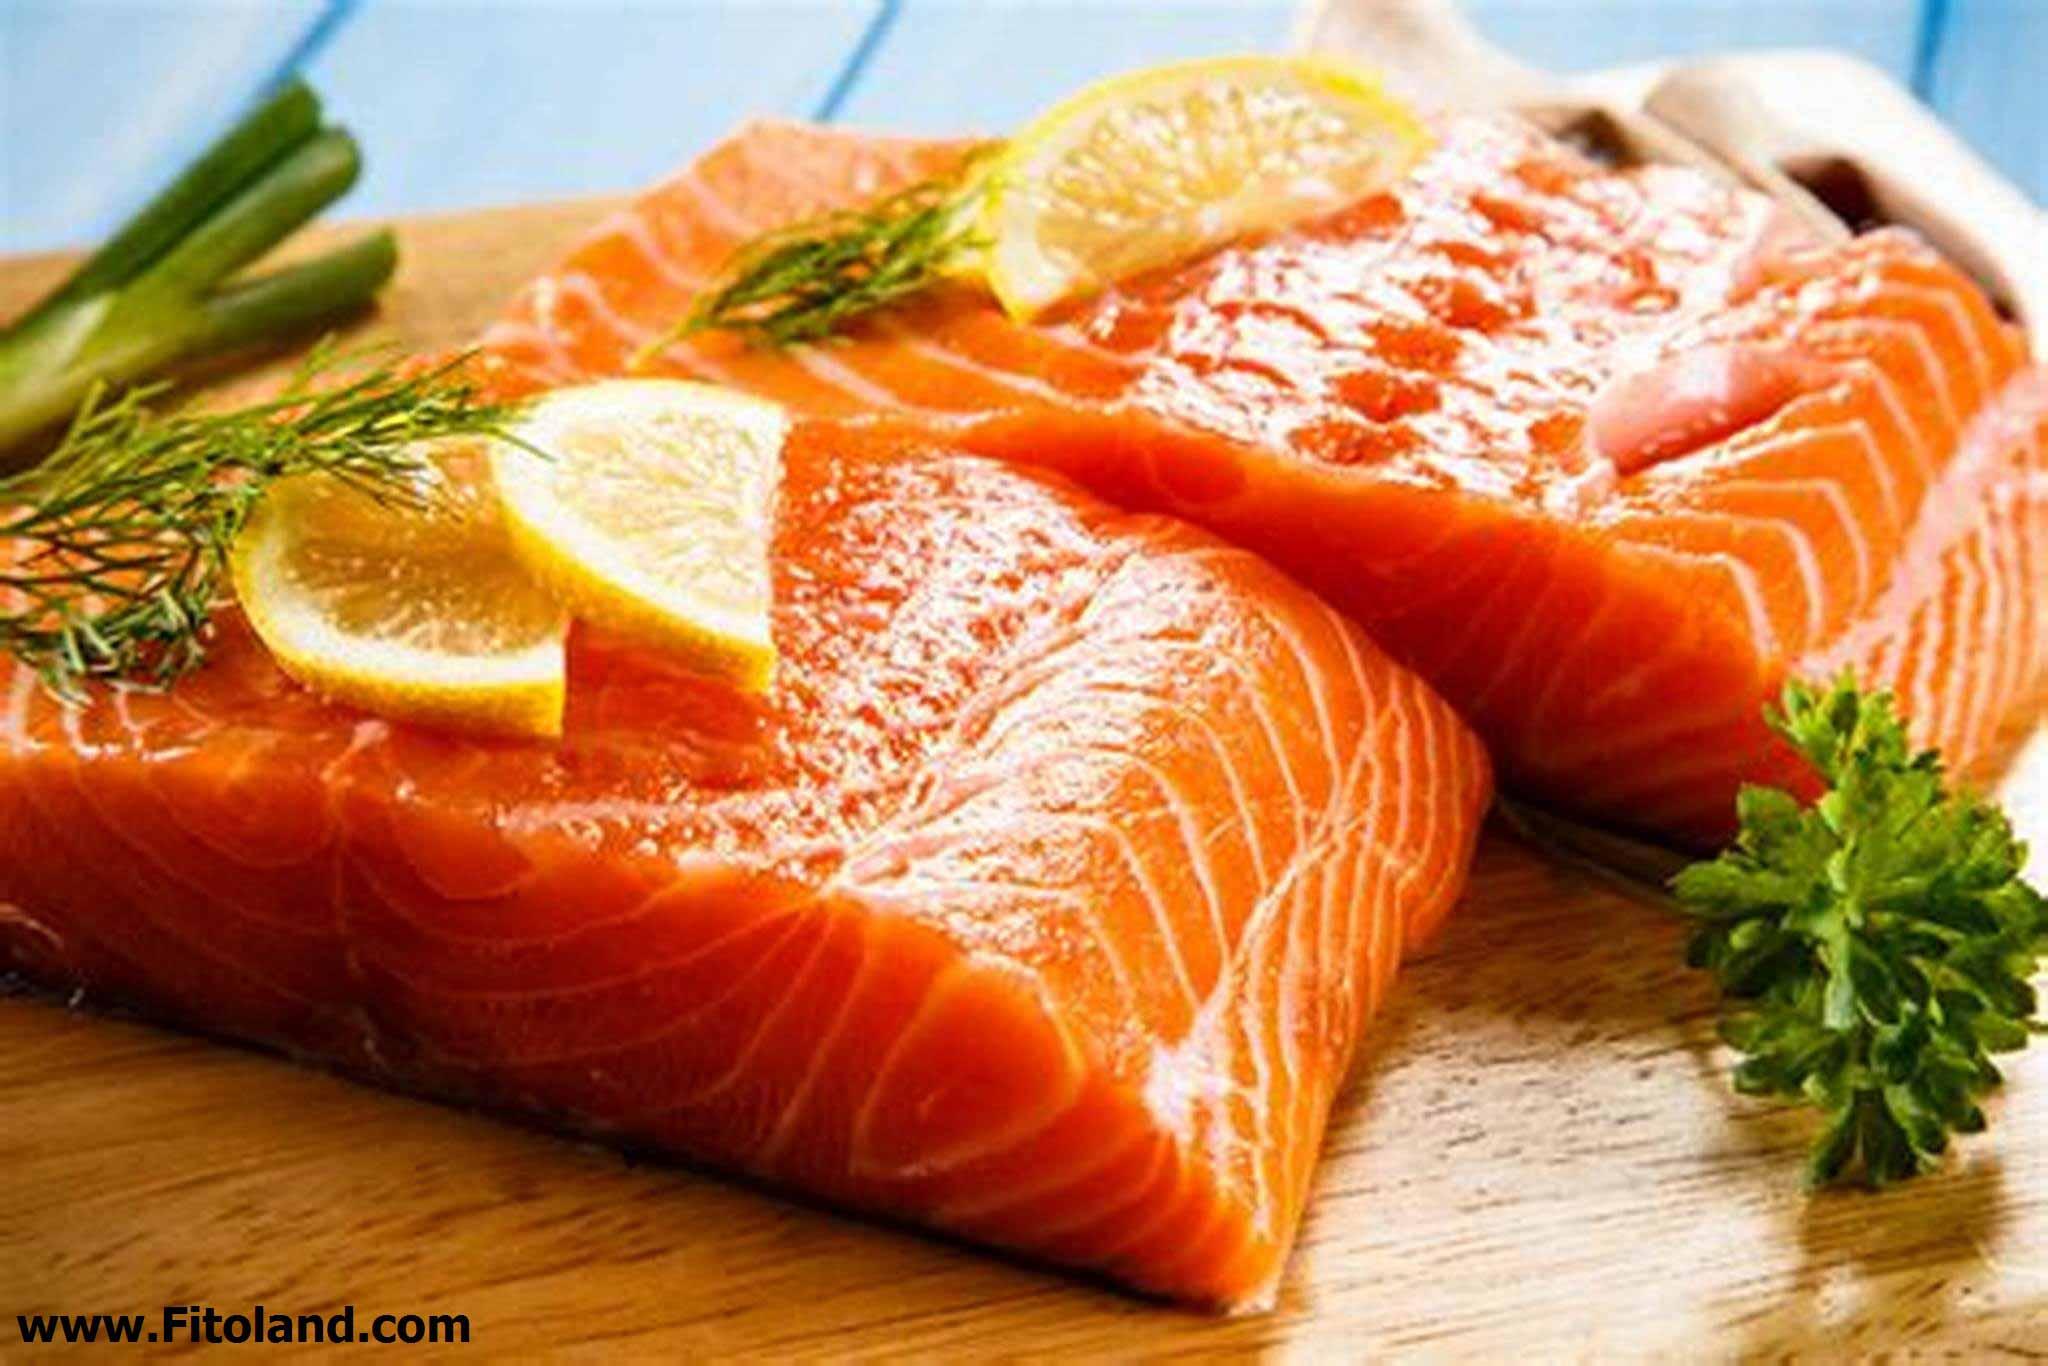 ماهیهای روغنی و چرب، از بهترین غذاها برای رشد و سلامت مو